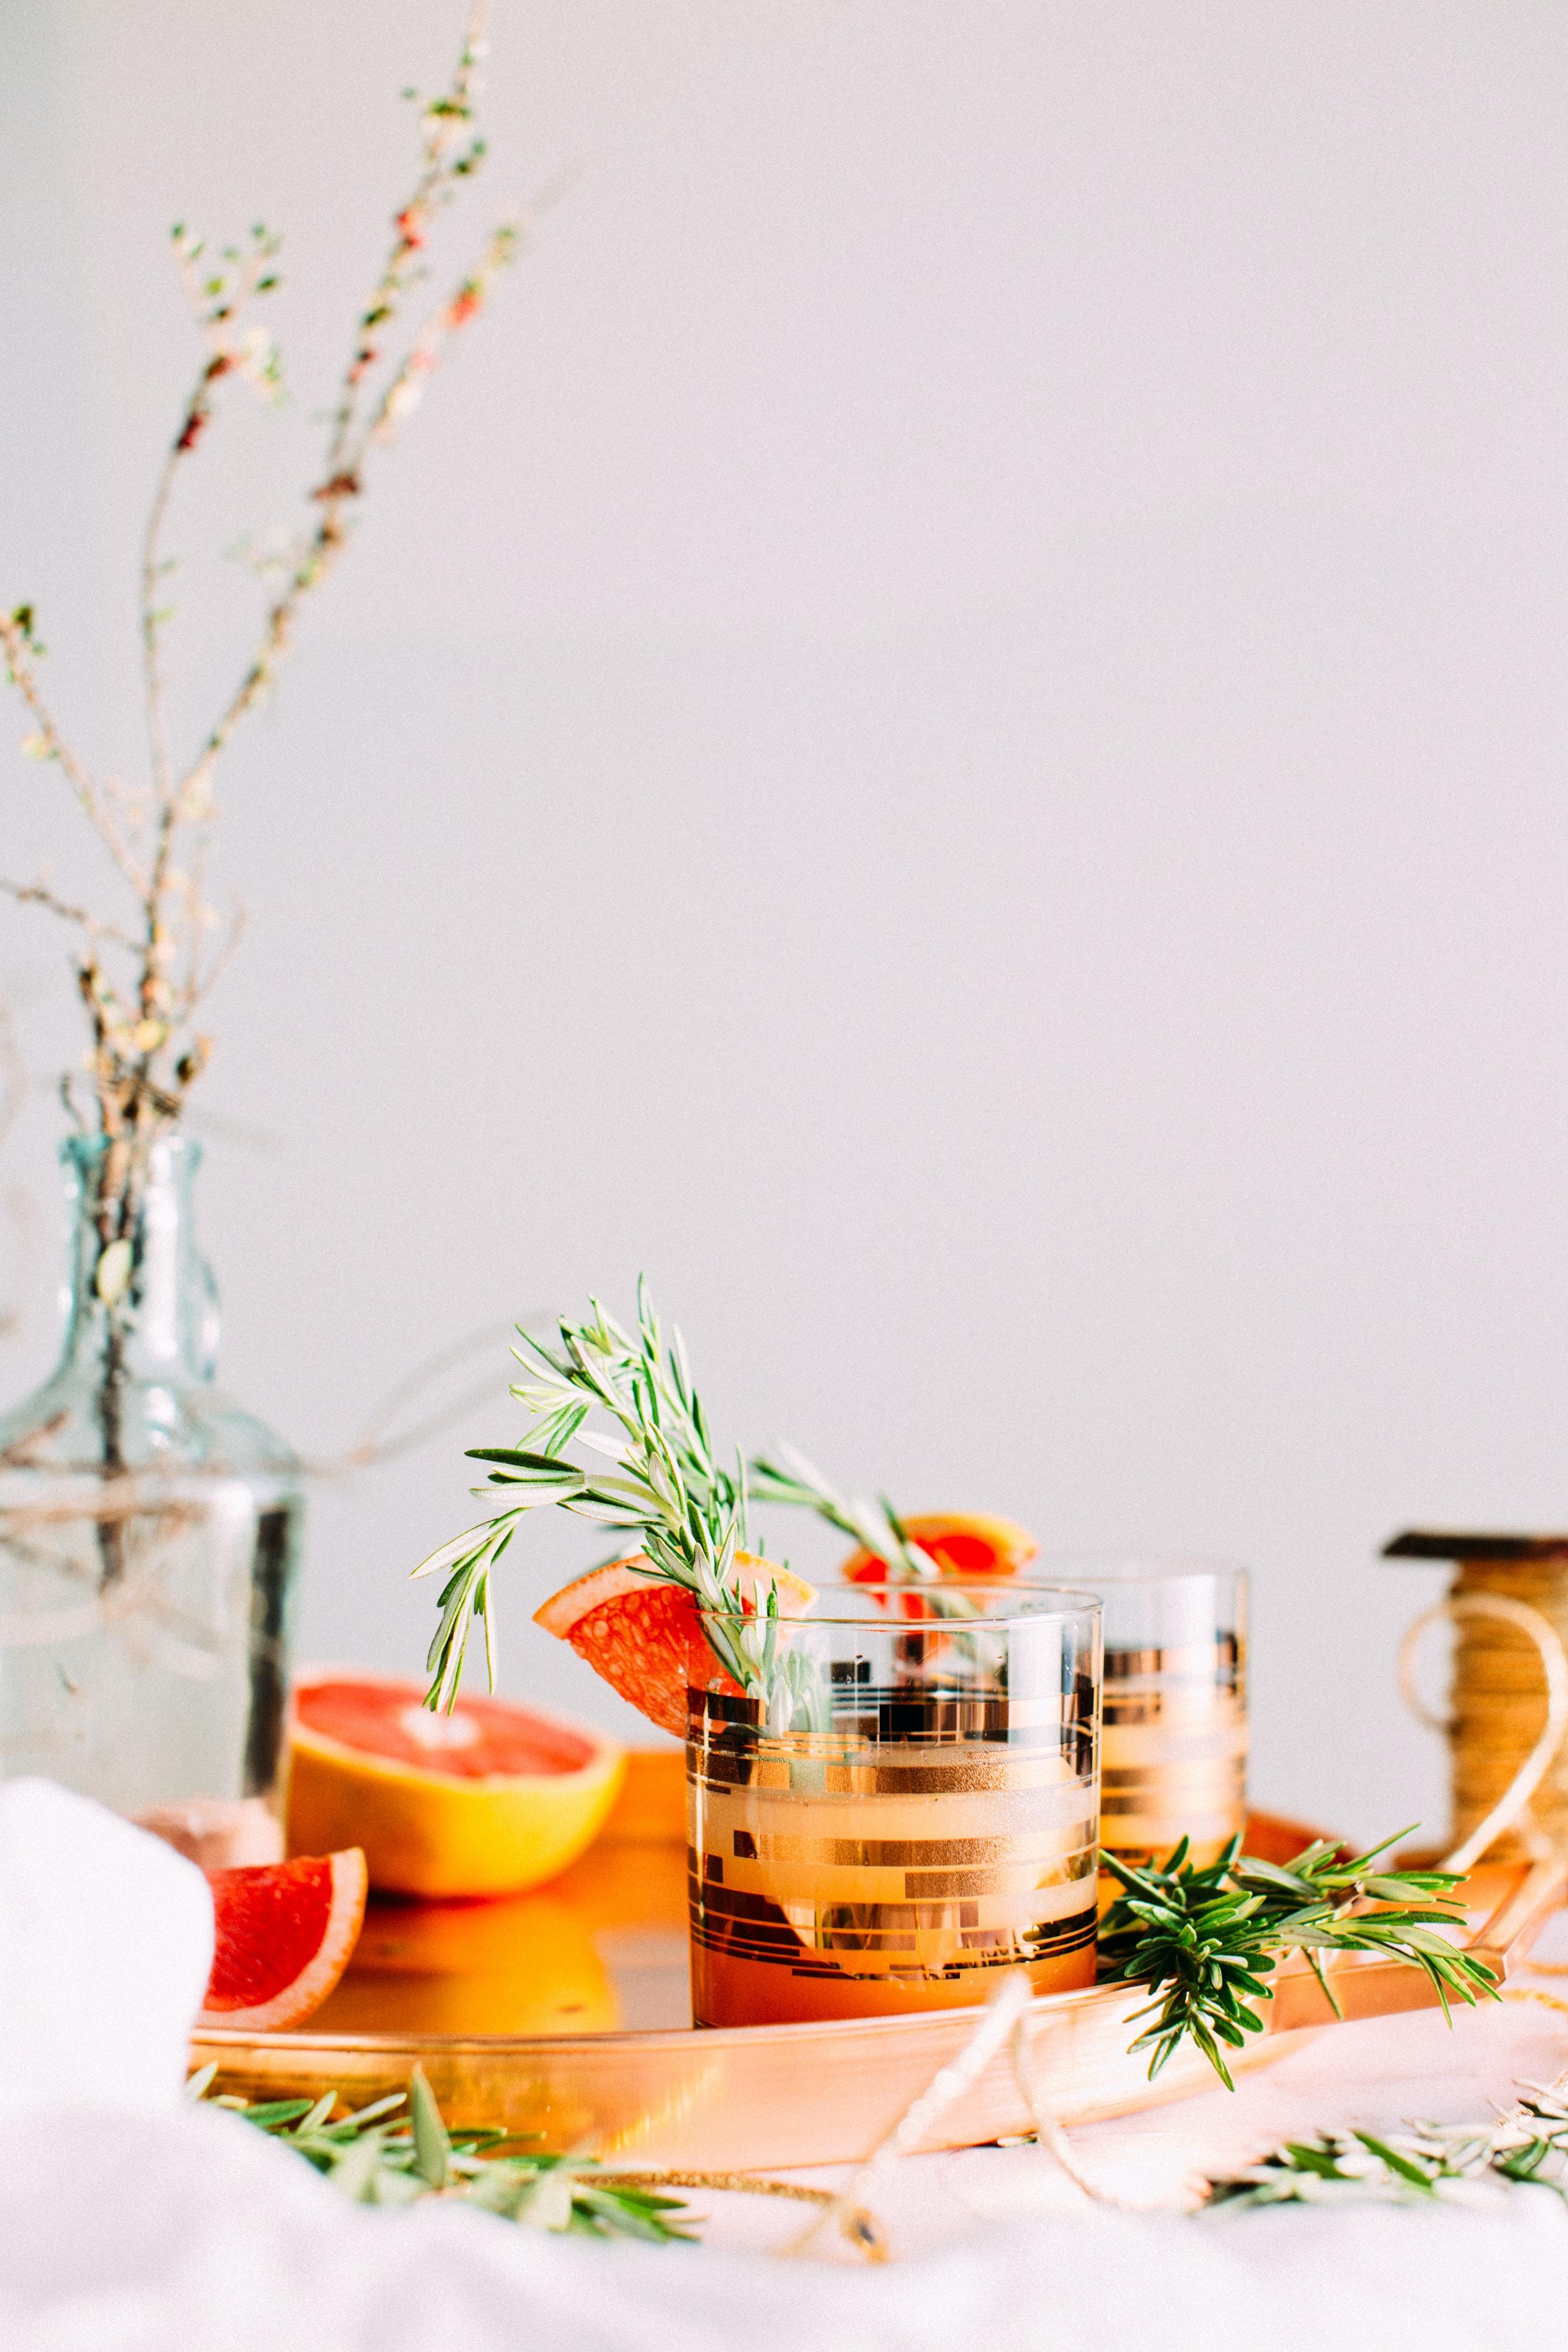 sliced citrus fruit on glass